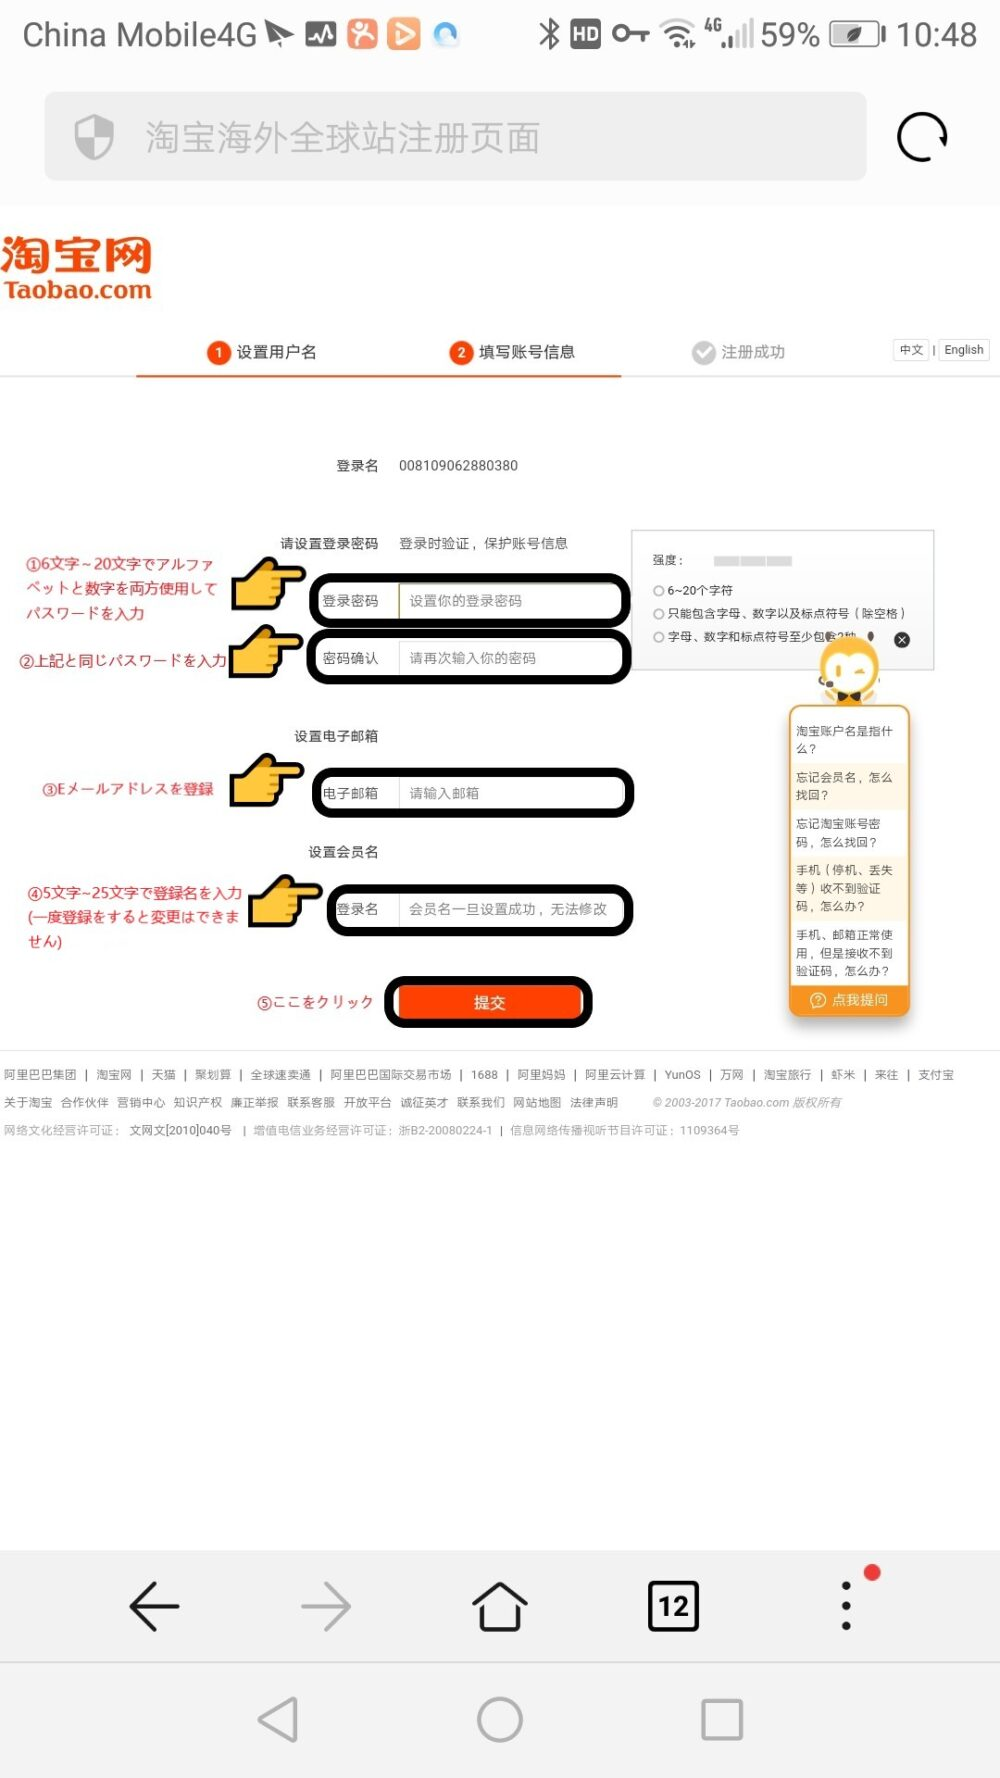 タオバオのサイトよりパスワード、メールアドレス、登録者名を登録しているスクリーンショットの画像